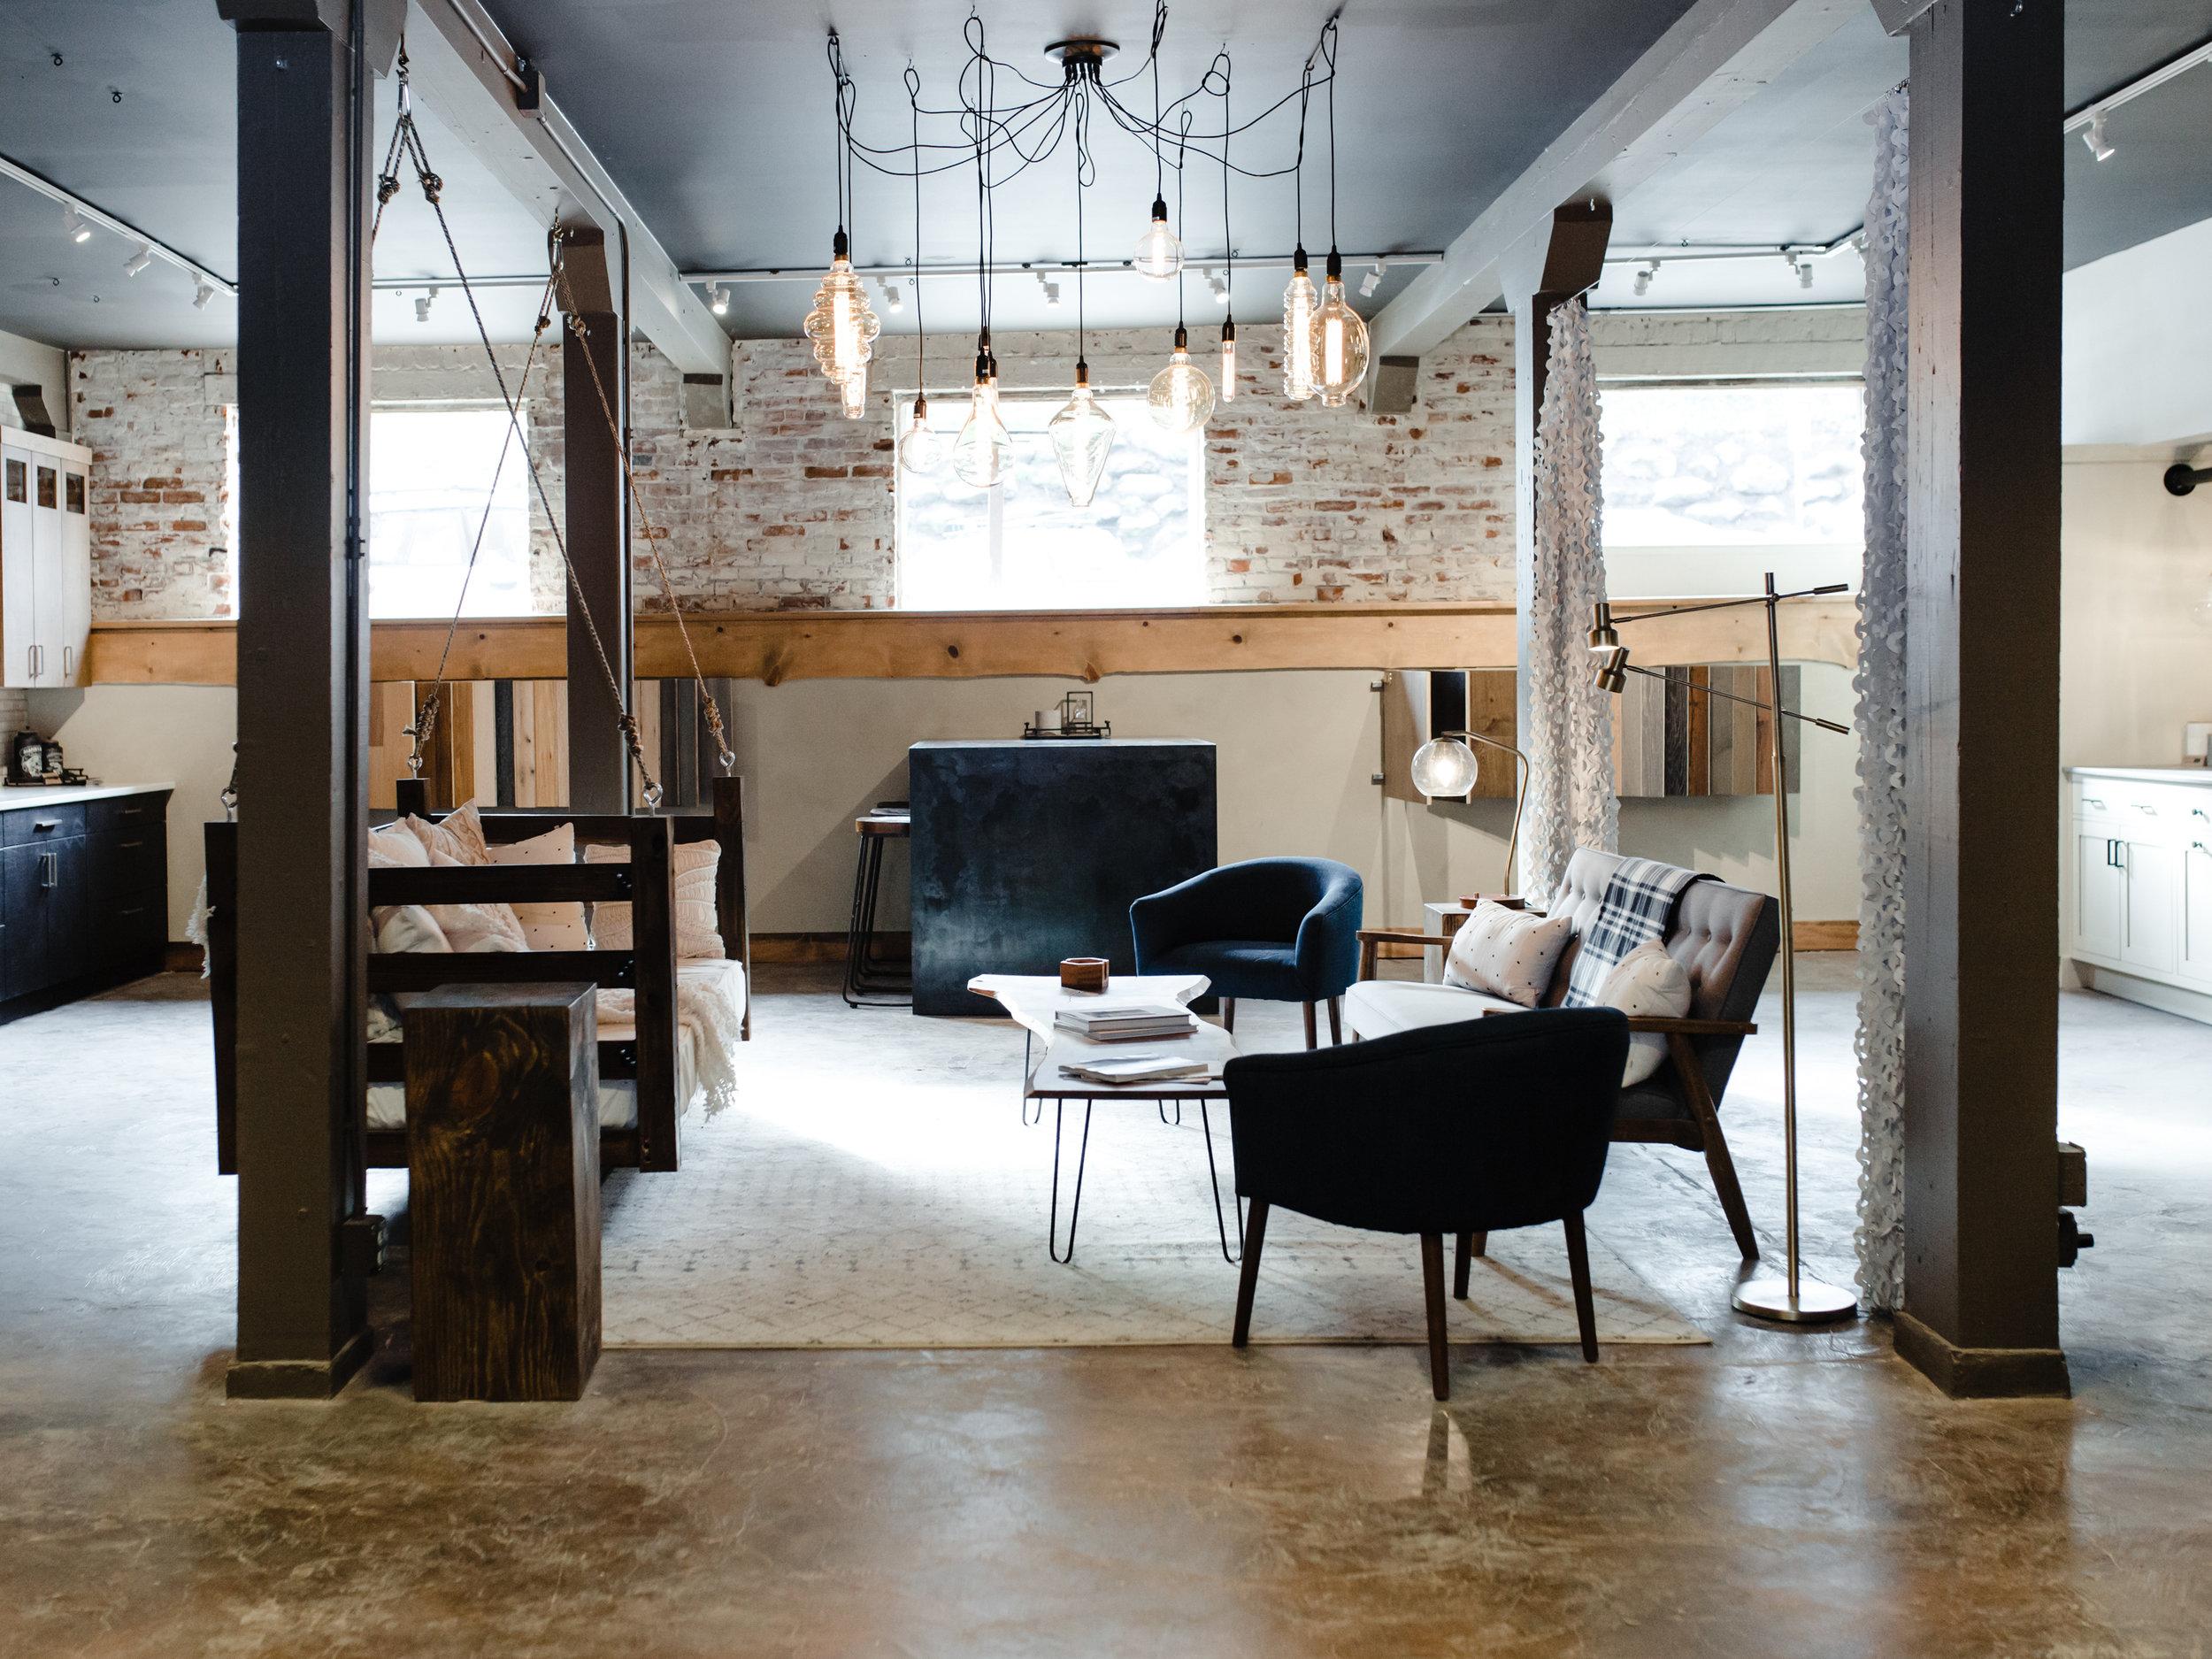 sustain-january-showroom-35 (2).jpg